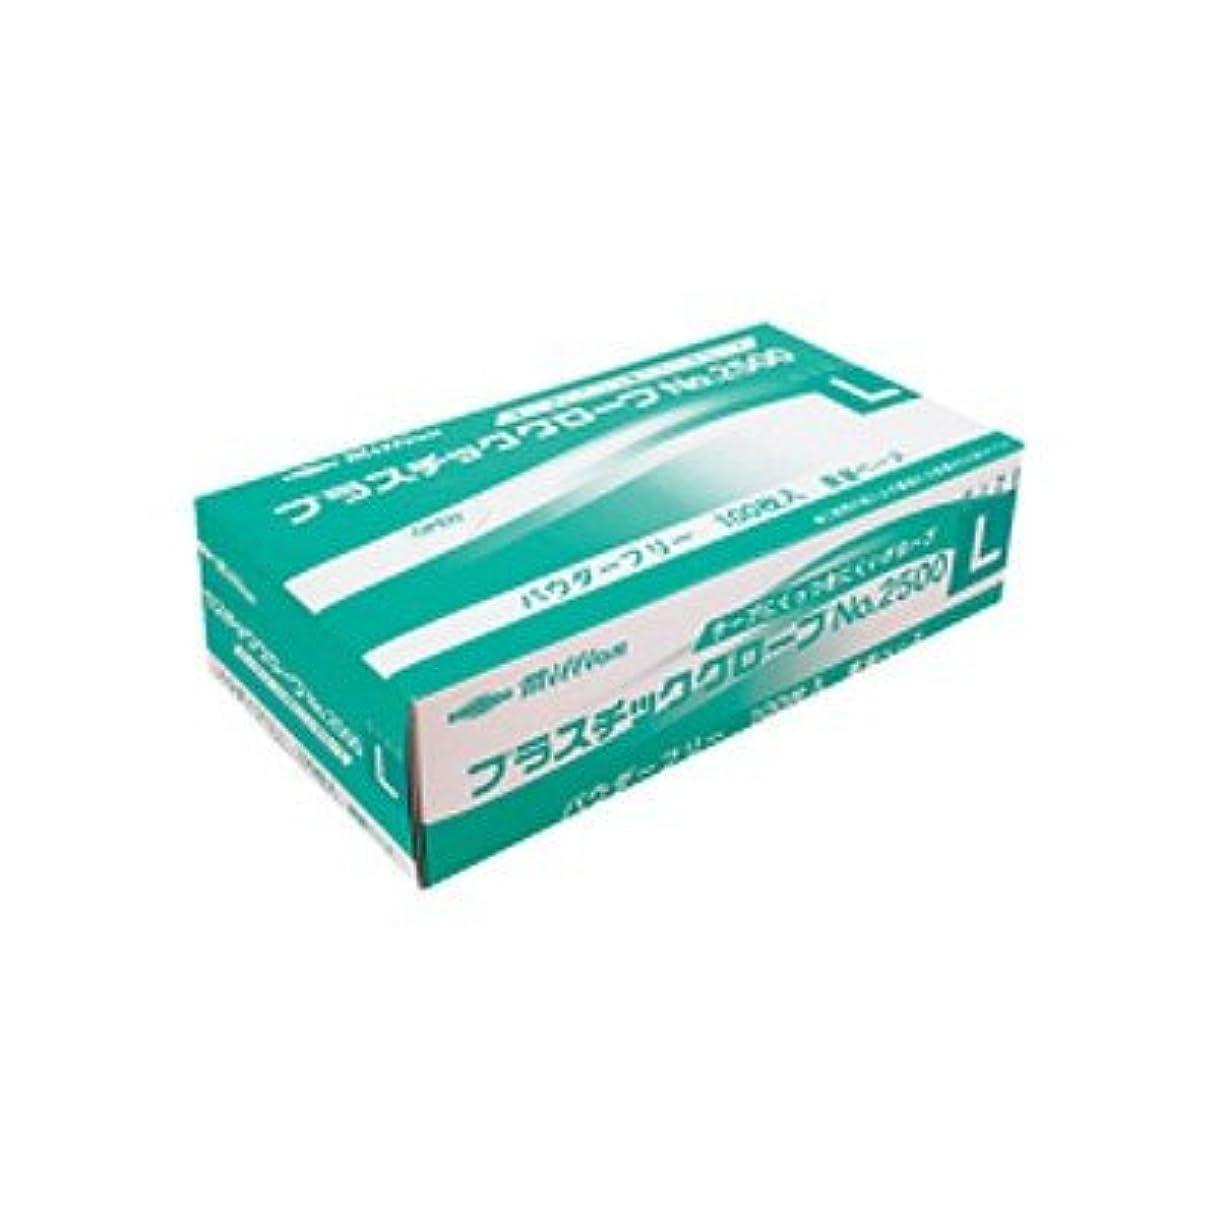 定義する面積インサートミリオン プラスチック手袋 粉無No.2500 L 品番:LH-2500-L 注文番号:62741651 メーカー:共和